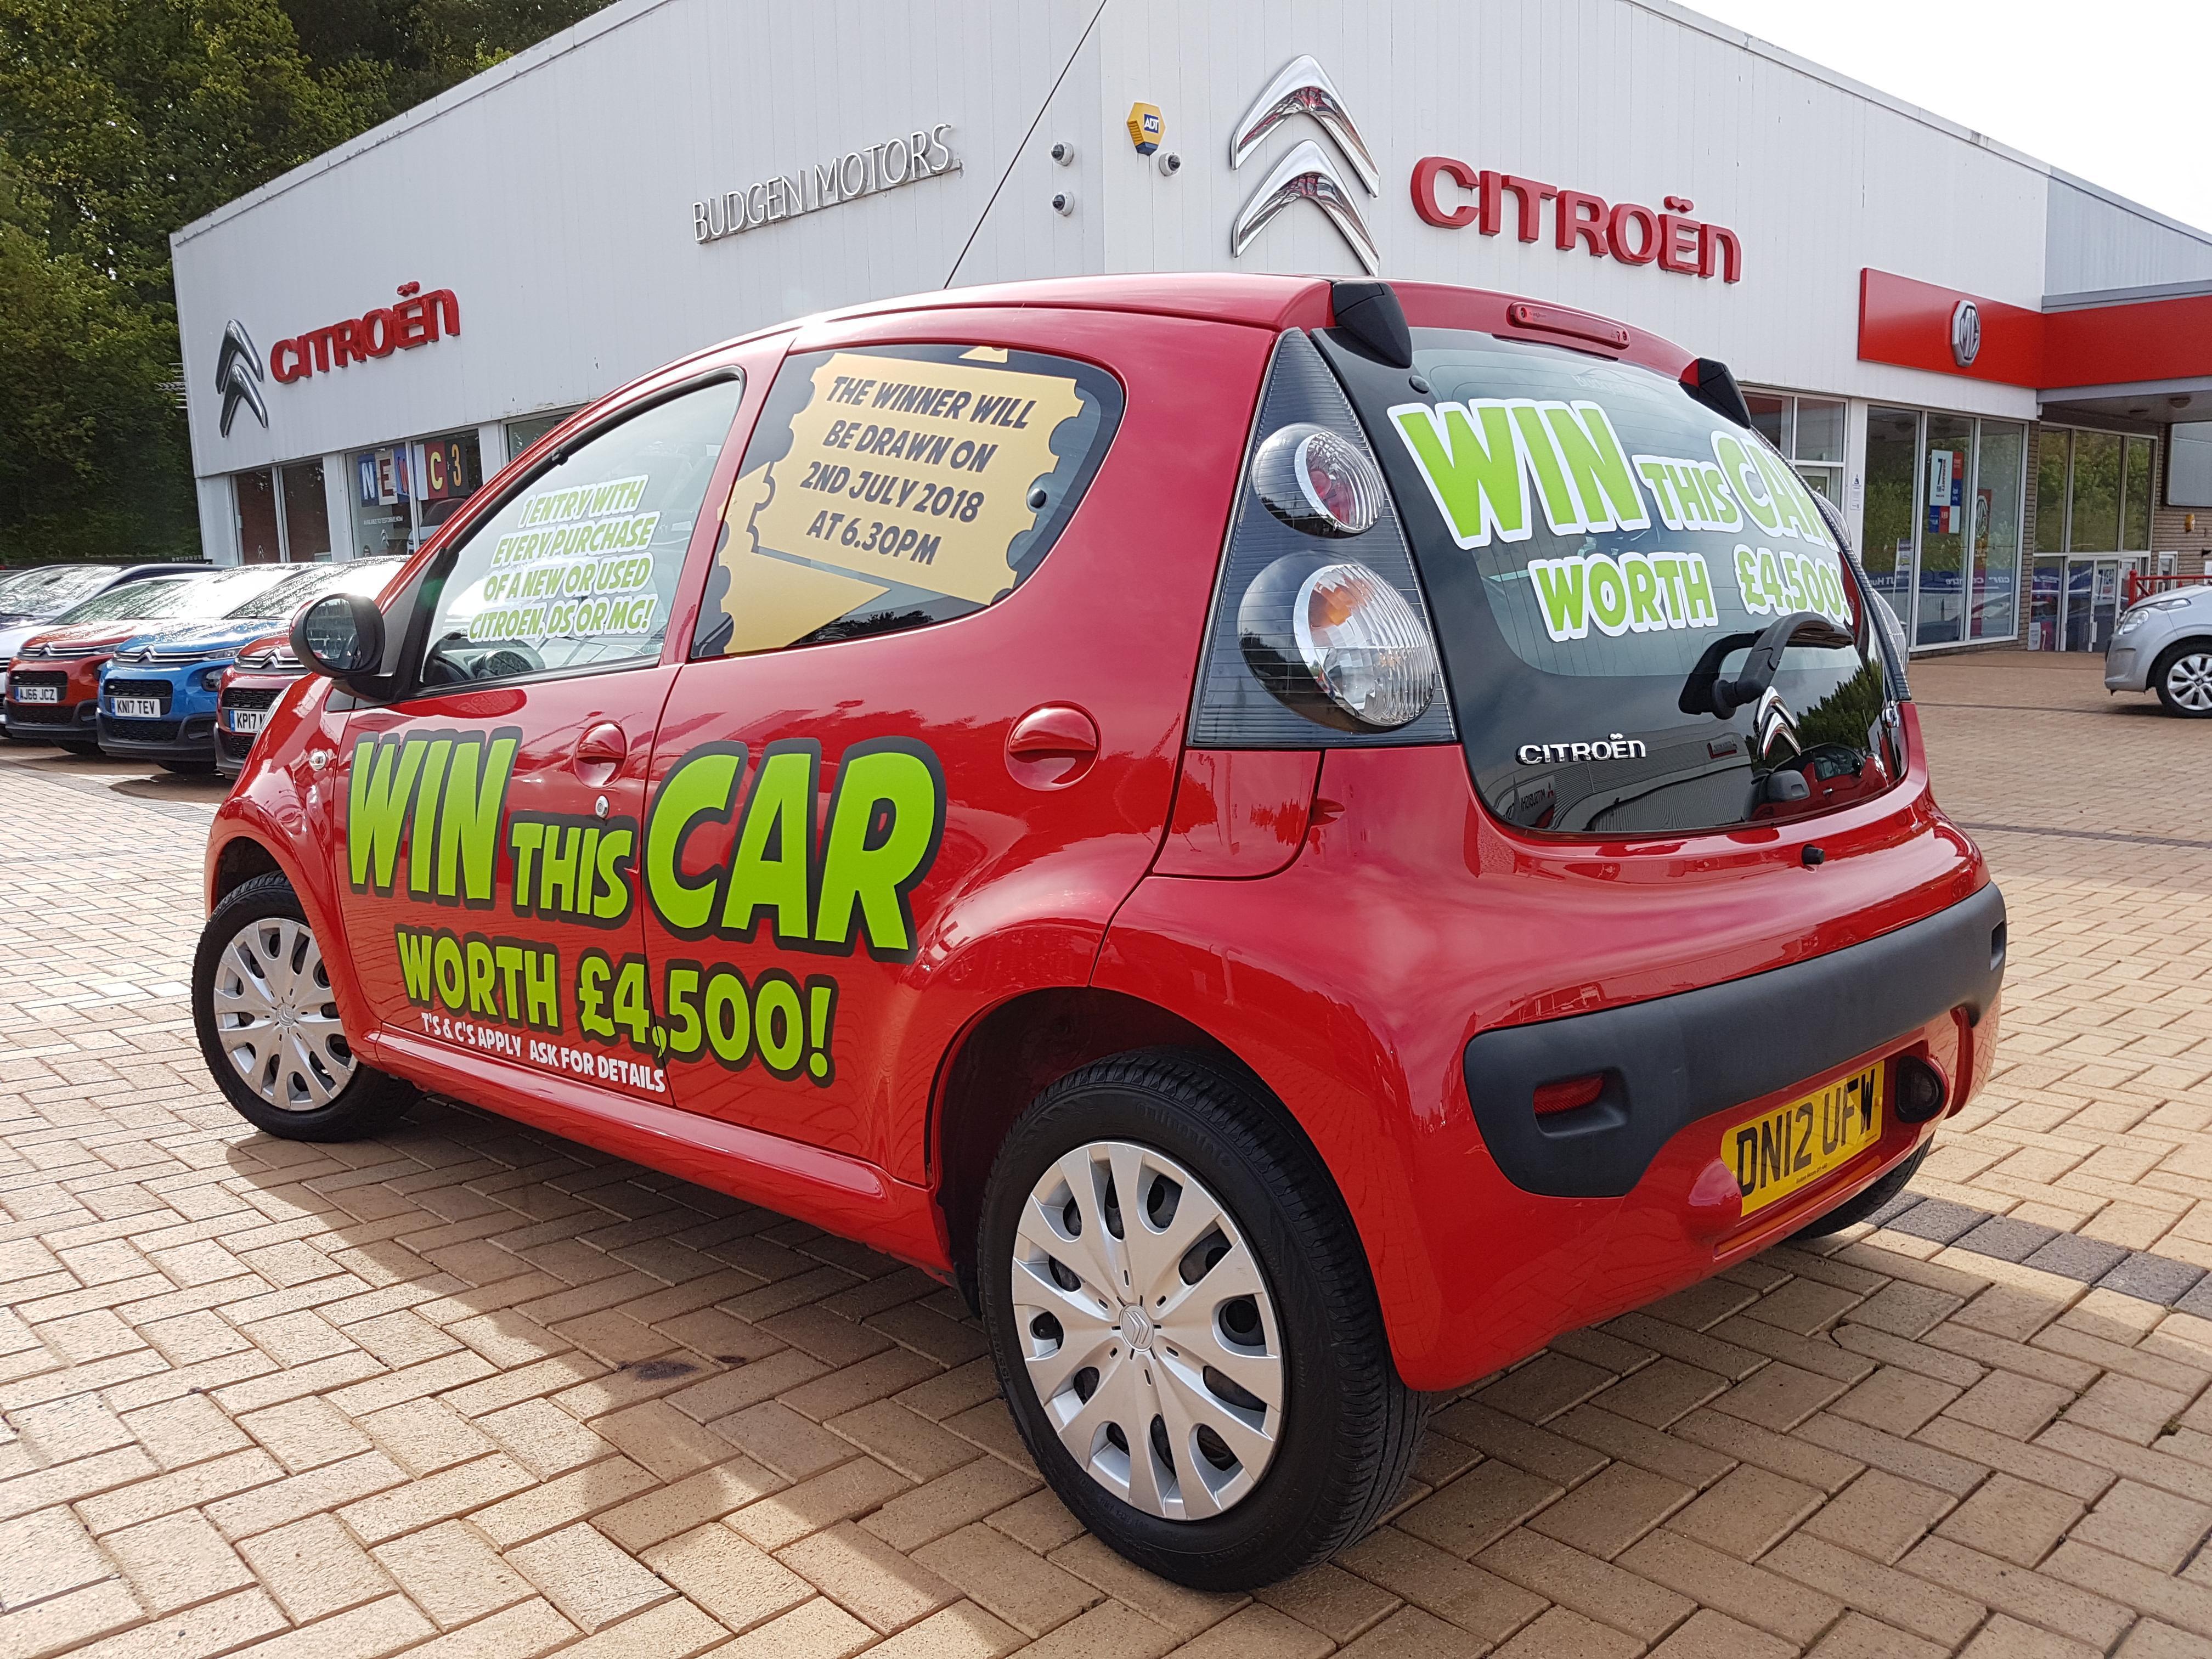 WIN C1 - Budgen Motor Group